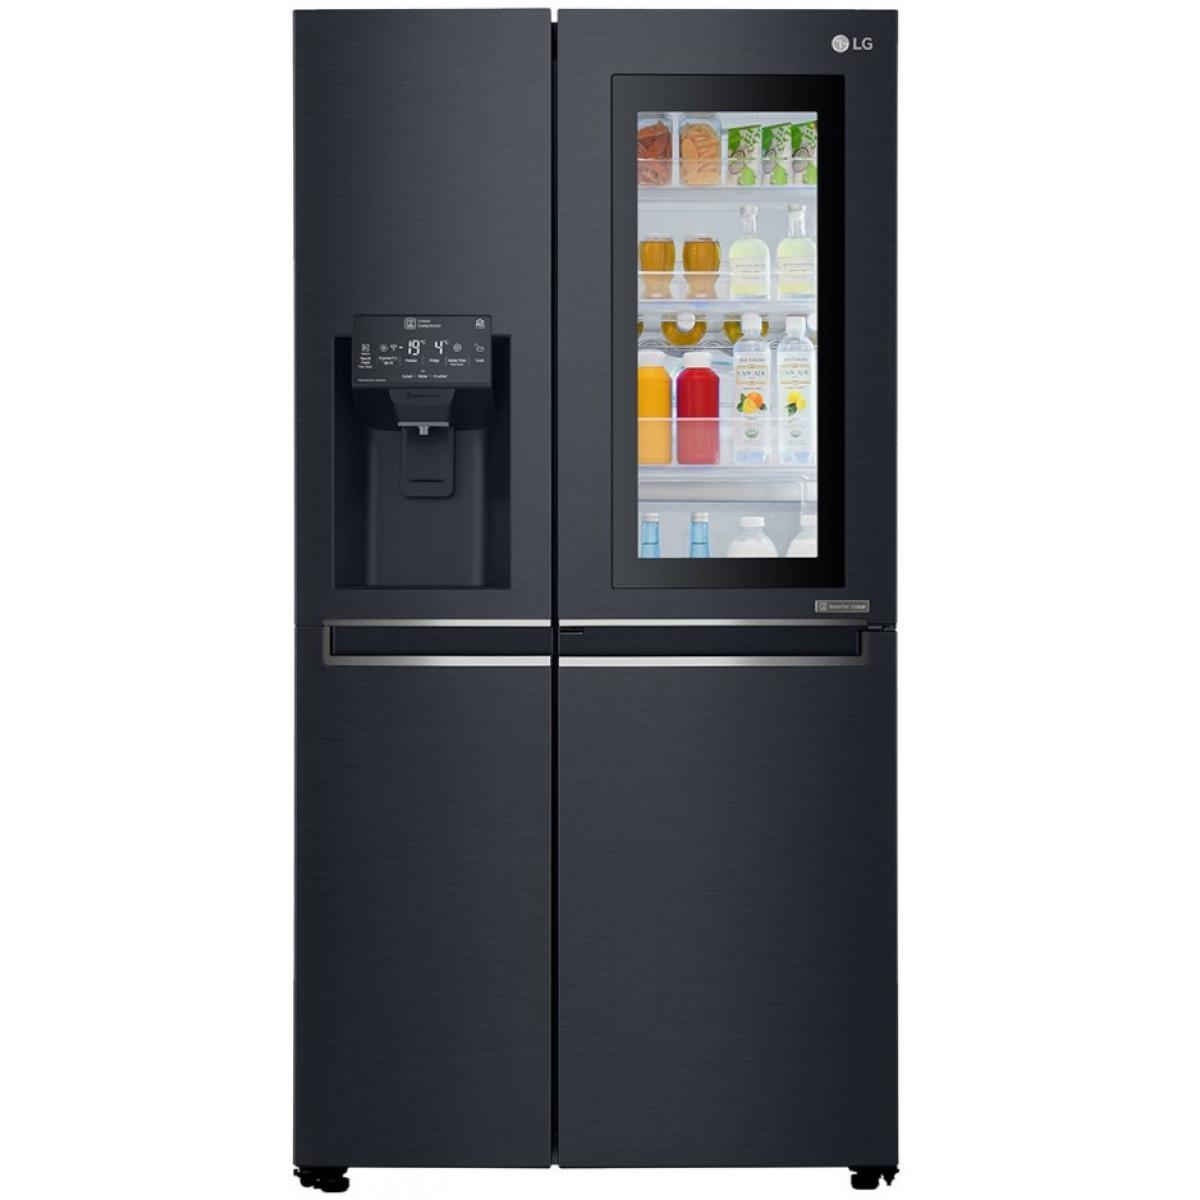 LG Réfrigérateur américain 601L Froid Ventilé LG 91.2cm A++, GSX 960 MCAZ